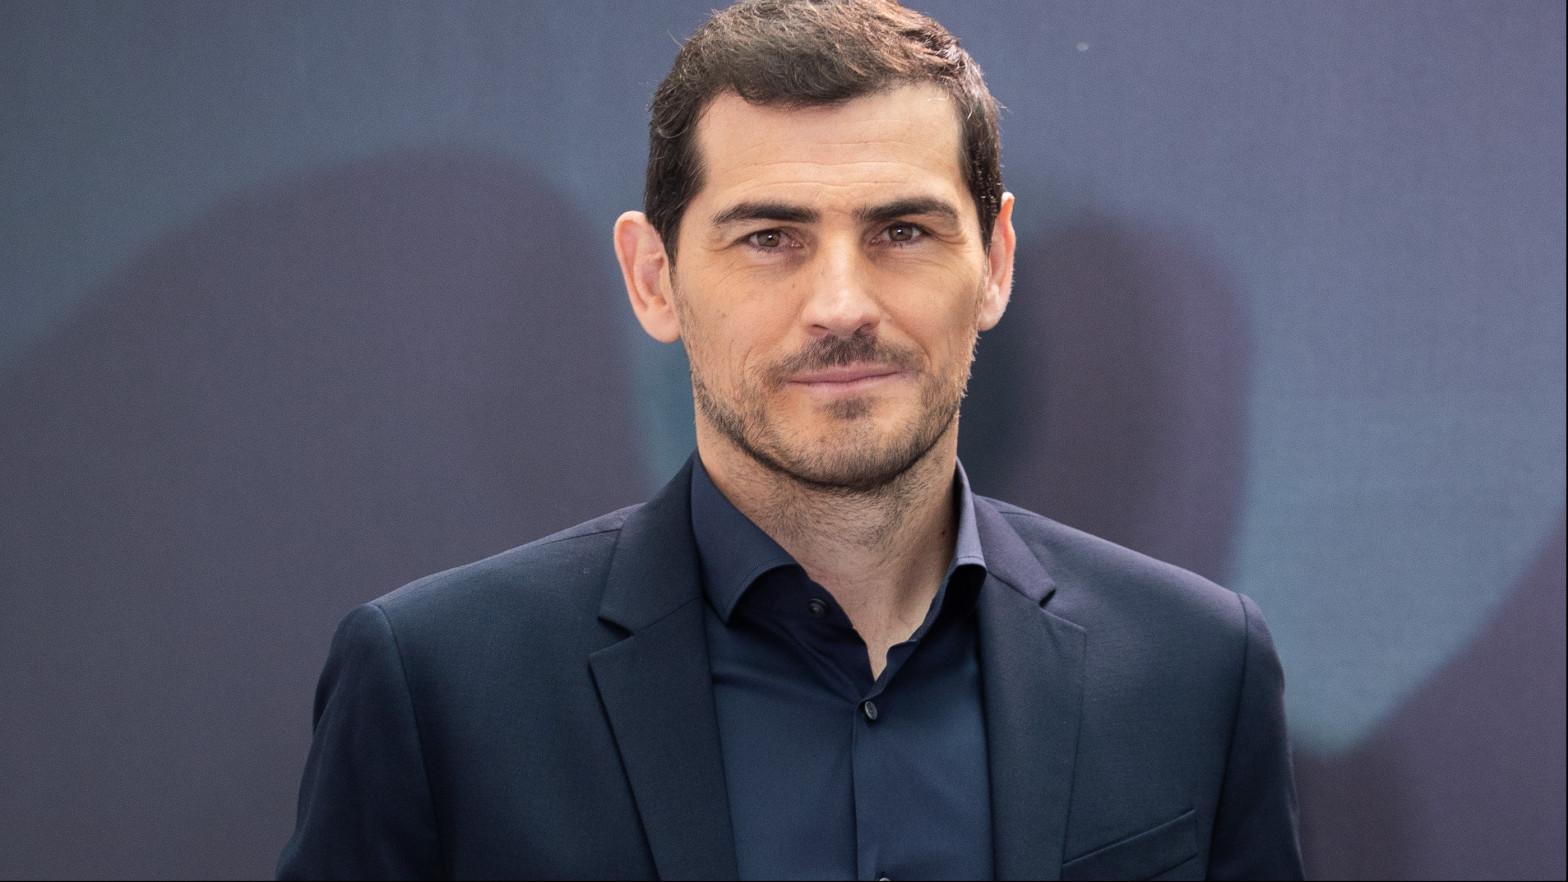 """Iker Casillas confiesa: """"Estoy necesitando ayuda profesional. Estoy agotado física y mentalmente"""""""